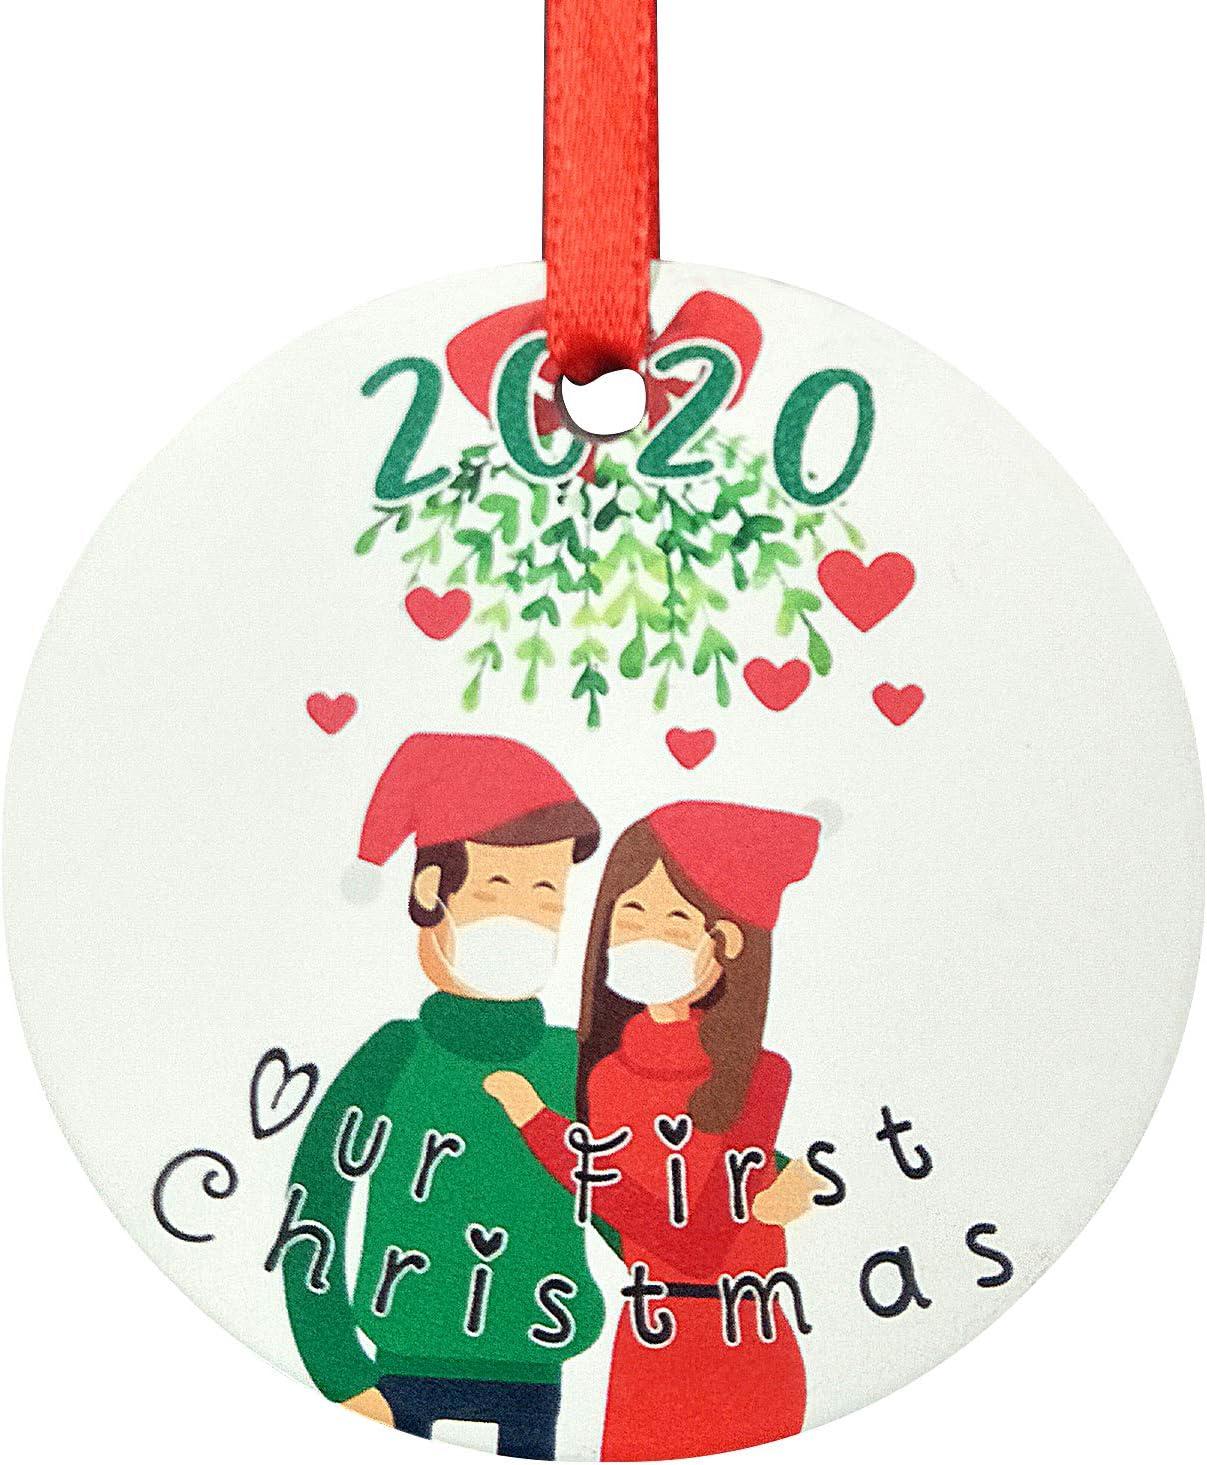 2 Piezas Adornos navide/ños 2020 Adornos navide/ños de cer/ámica Mingting Adornos navide/ños Personalizados